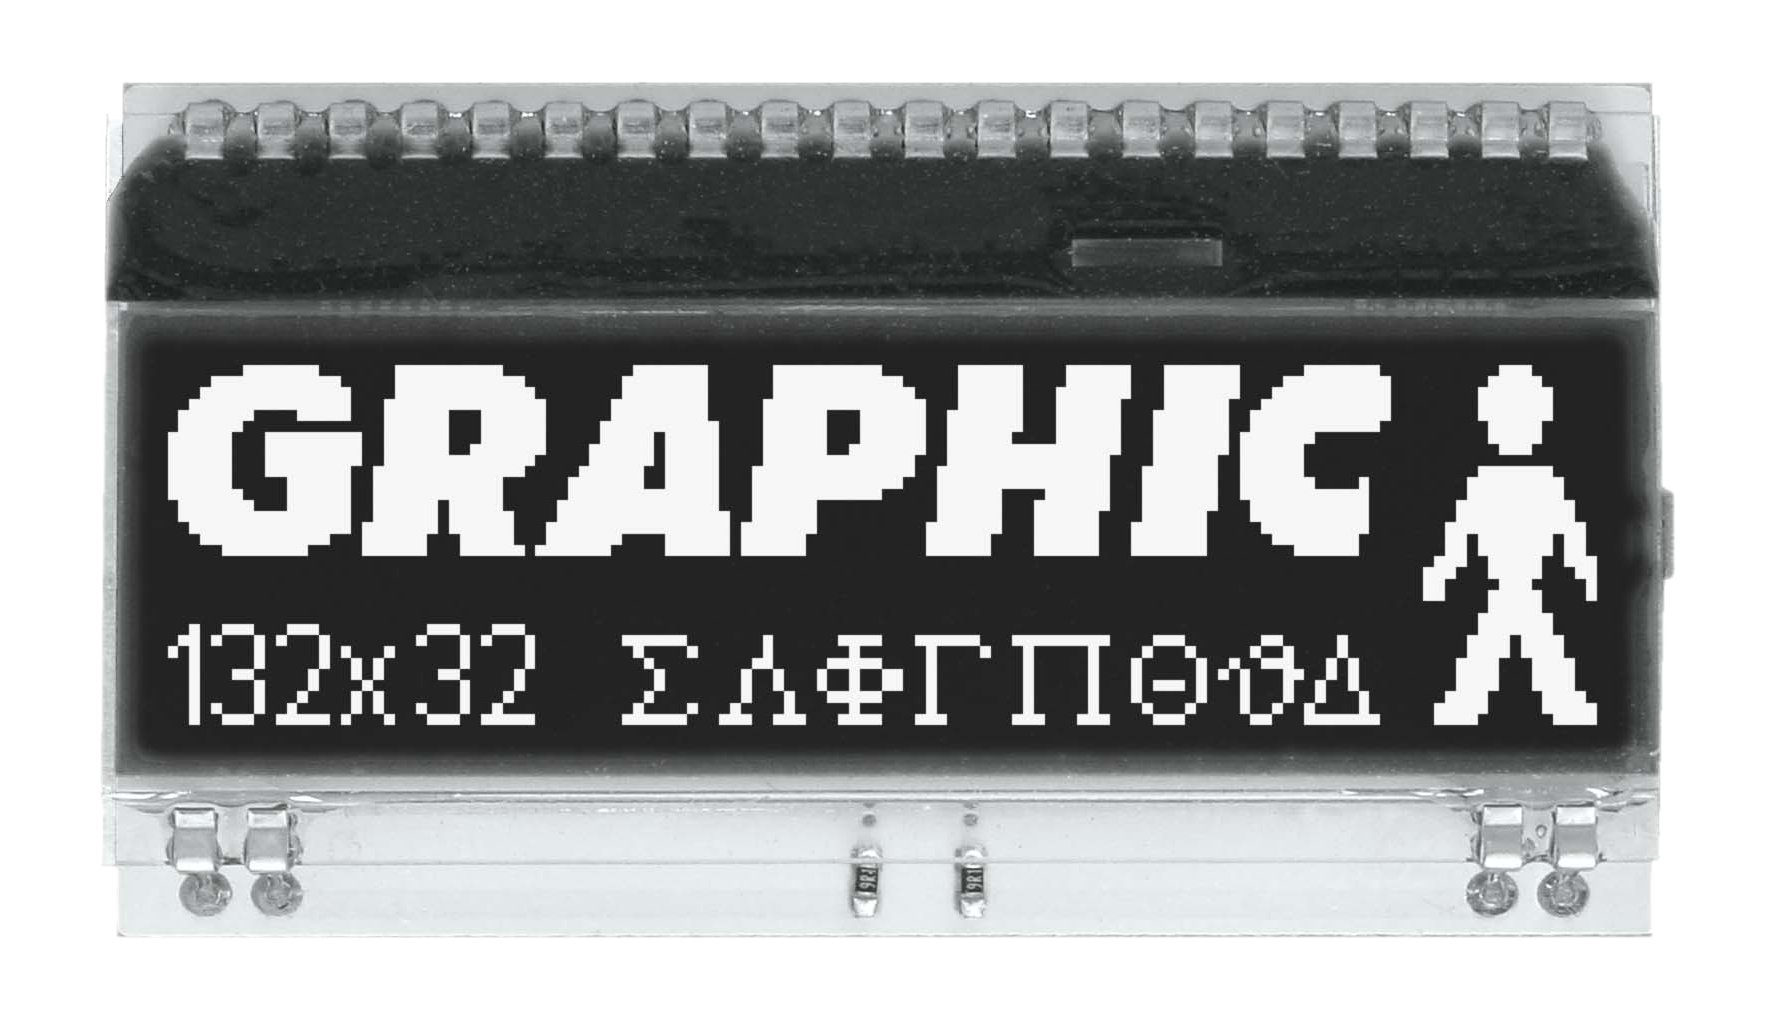 132x32 DOG Grafikdisplay, FSTN schwarz negativ